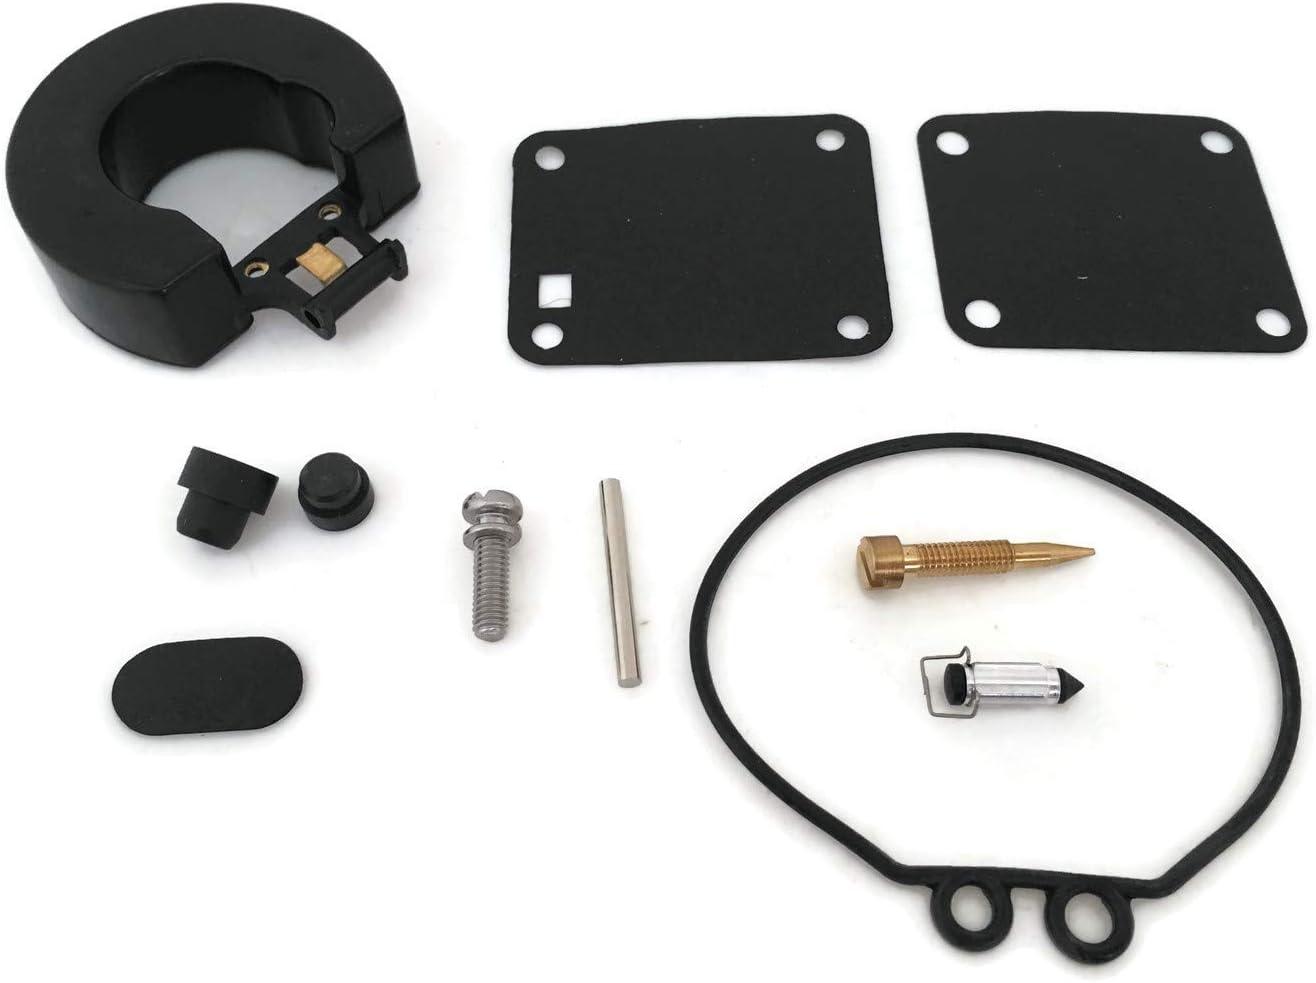 Boat motor 6G1-W0093-00 369-87122-1 11502M 18-7765 Carburetor Repair Kit for Yamaha 3HP 6HP 8HP / Tohatsu Nissan 2-Stroke 9.8HP 8HP 5HP 4HP Outboard Motors